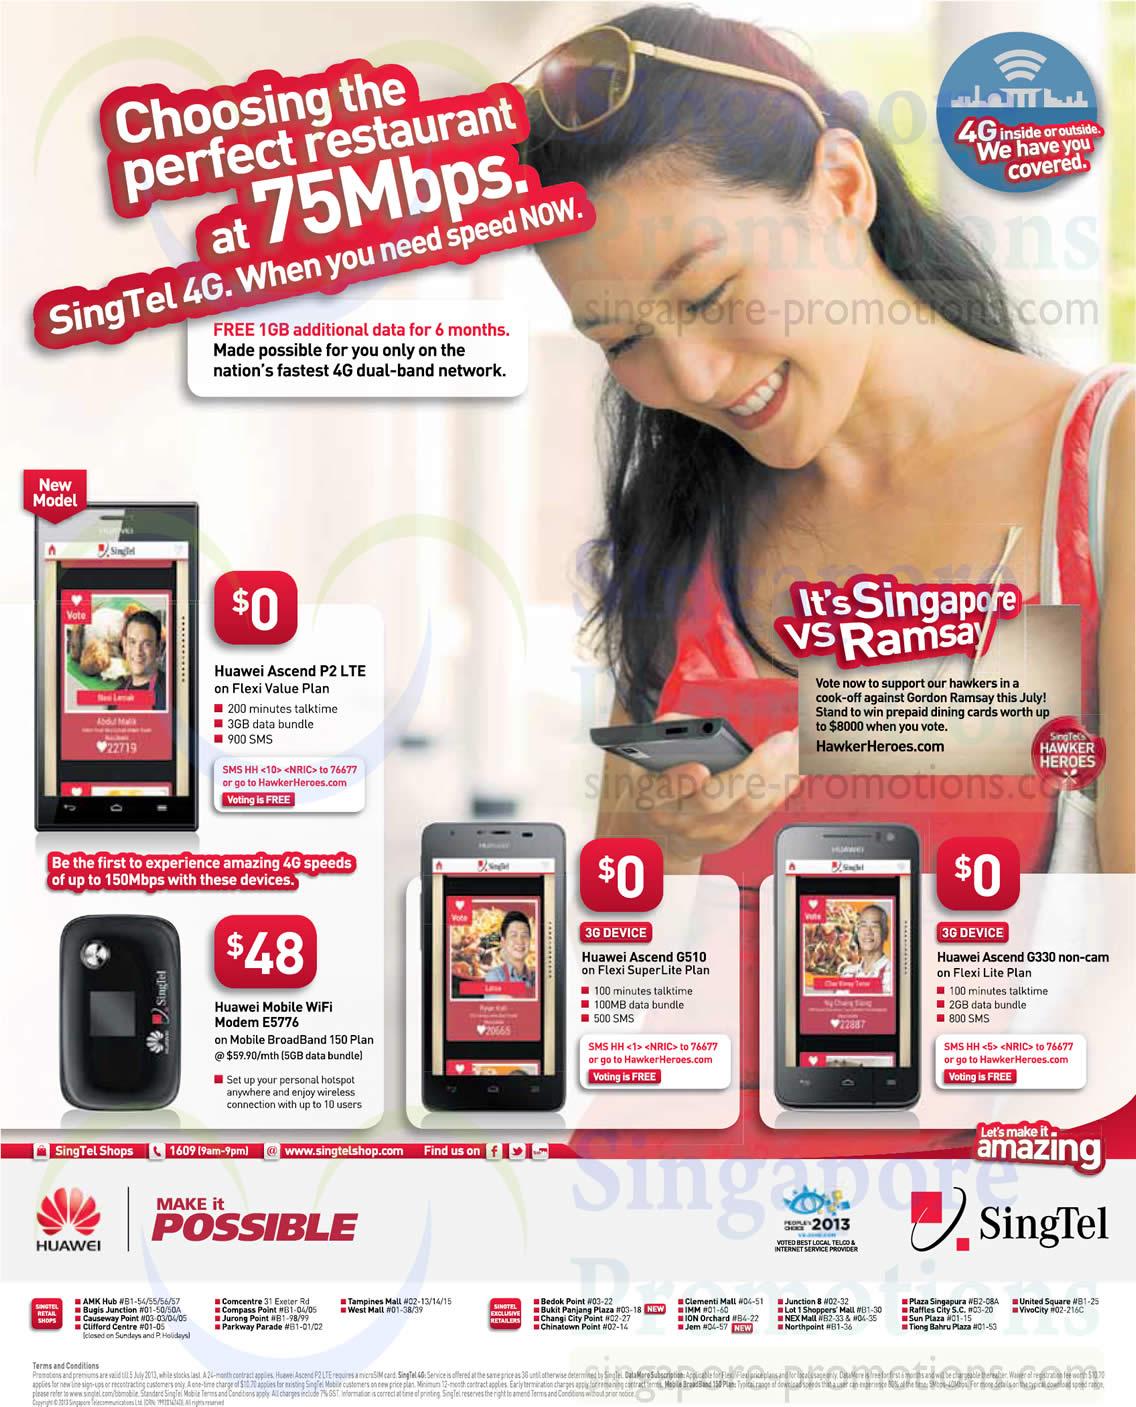 Huawei Ascend P2 LTE, Huawei Ascend G510, Huawei Ascend G330, Huawei Modem E5776